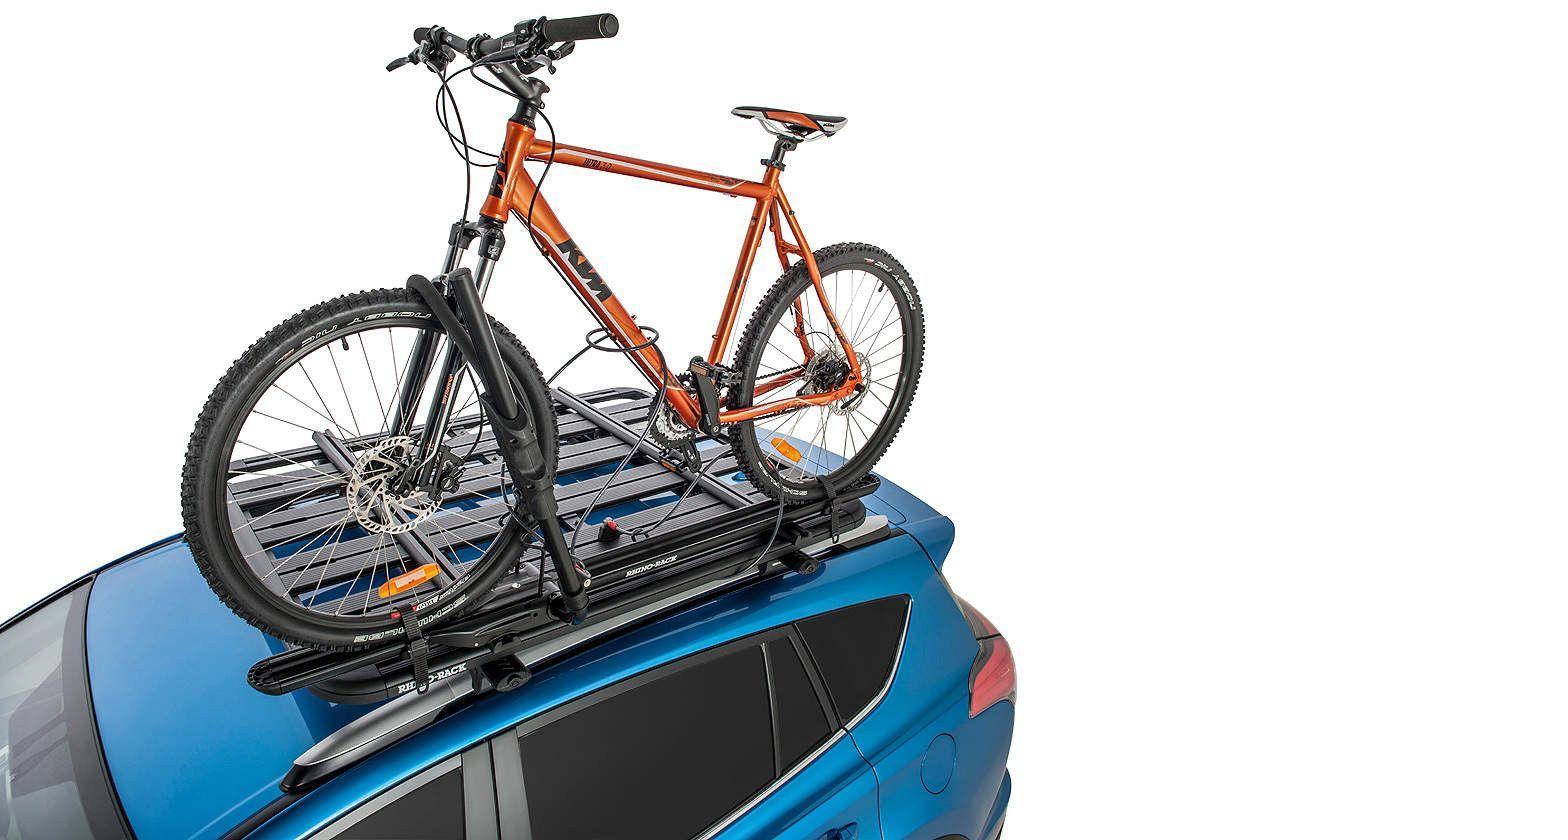 Rhino Hybrid Bike Carrier Includes Cable Lock Hybrid Bike